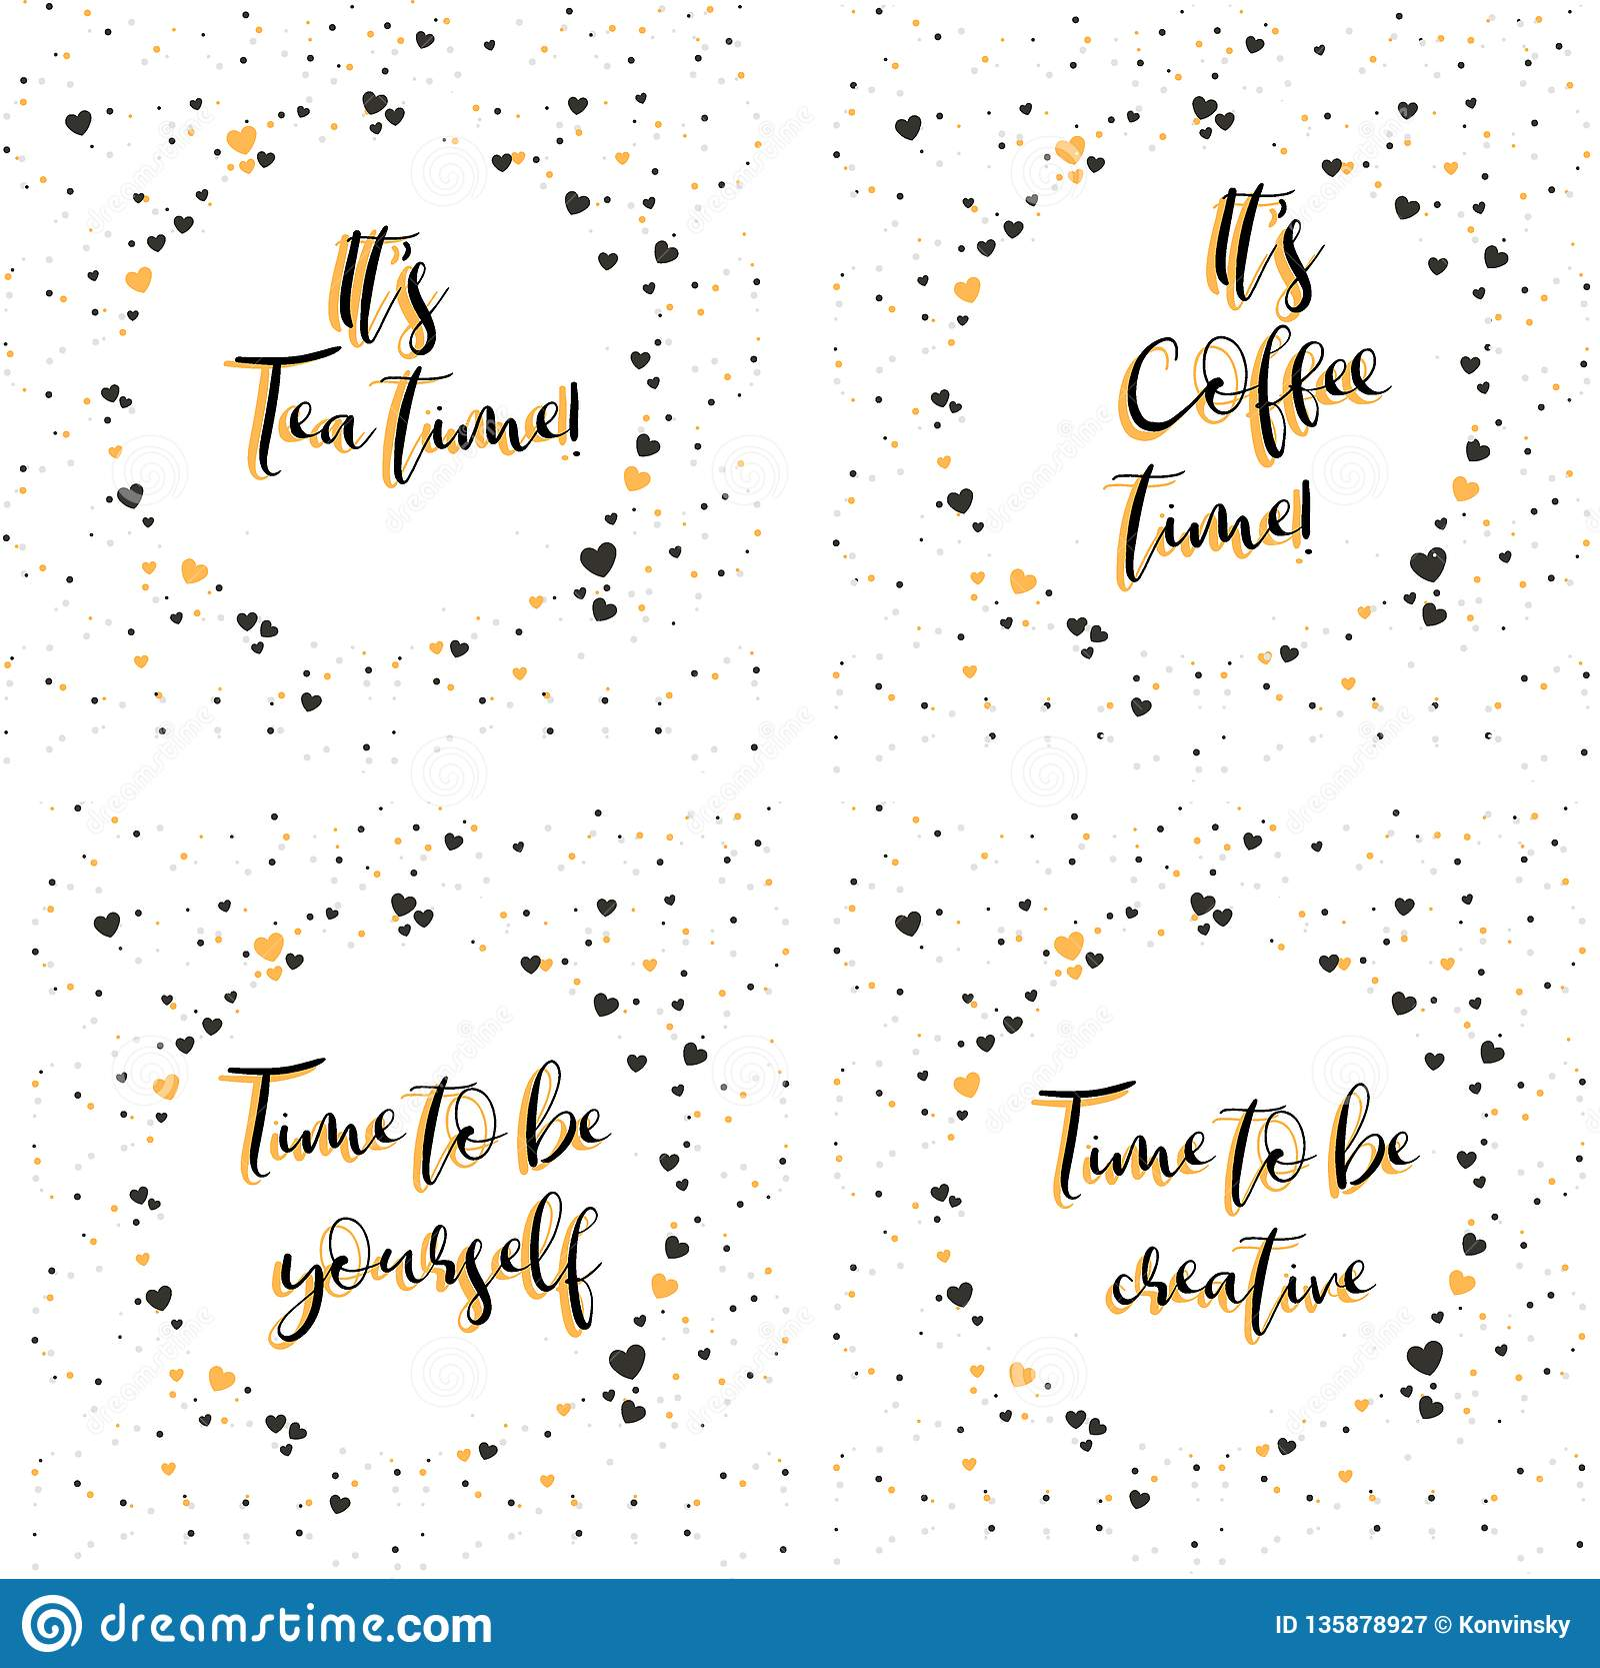 Tempo del tè del ` s tempo del caffè del ` s Tempo di essere voi stessi Tempo di essere creativo Iscrizione con la frase d ispira